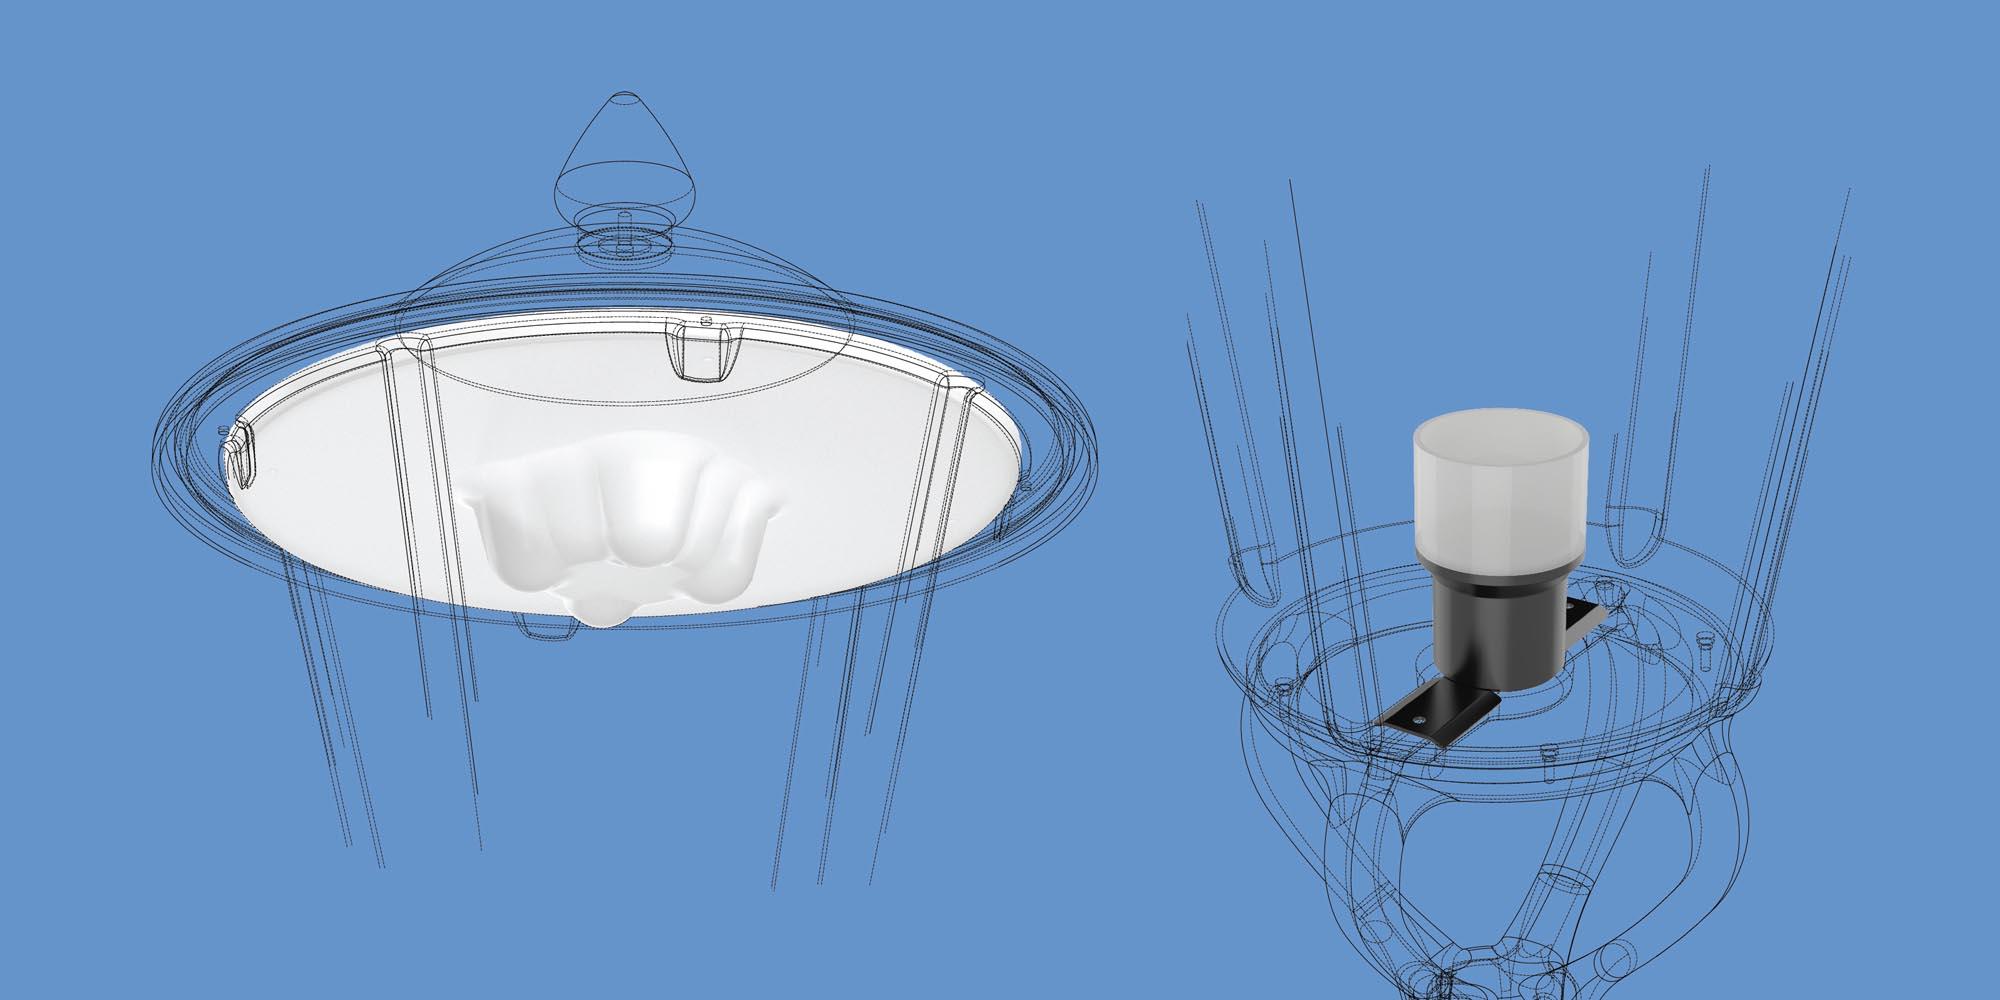 lichttechniek (alle mogelijkheden) - mikana